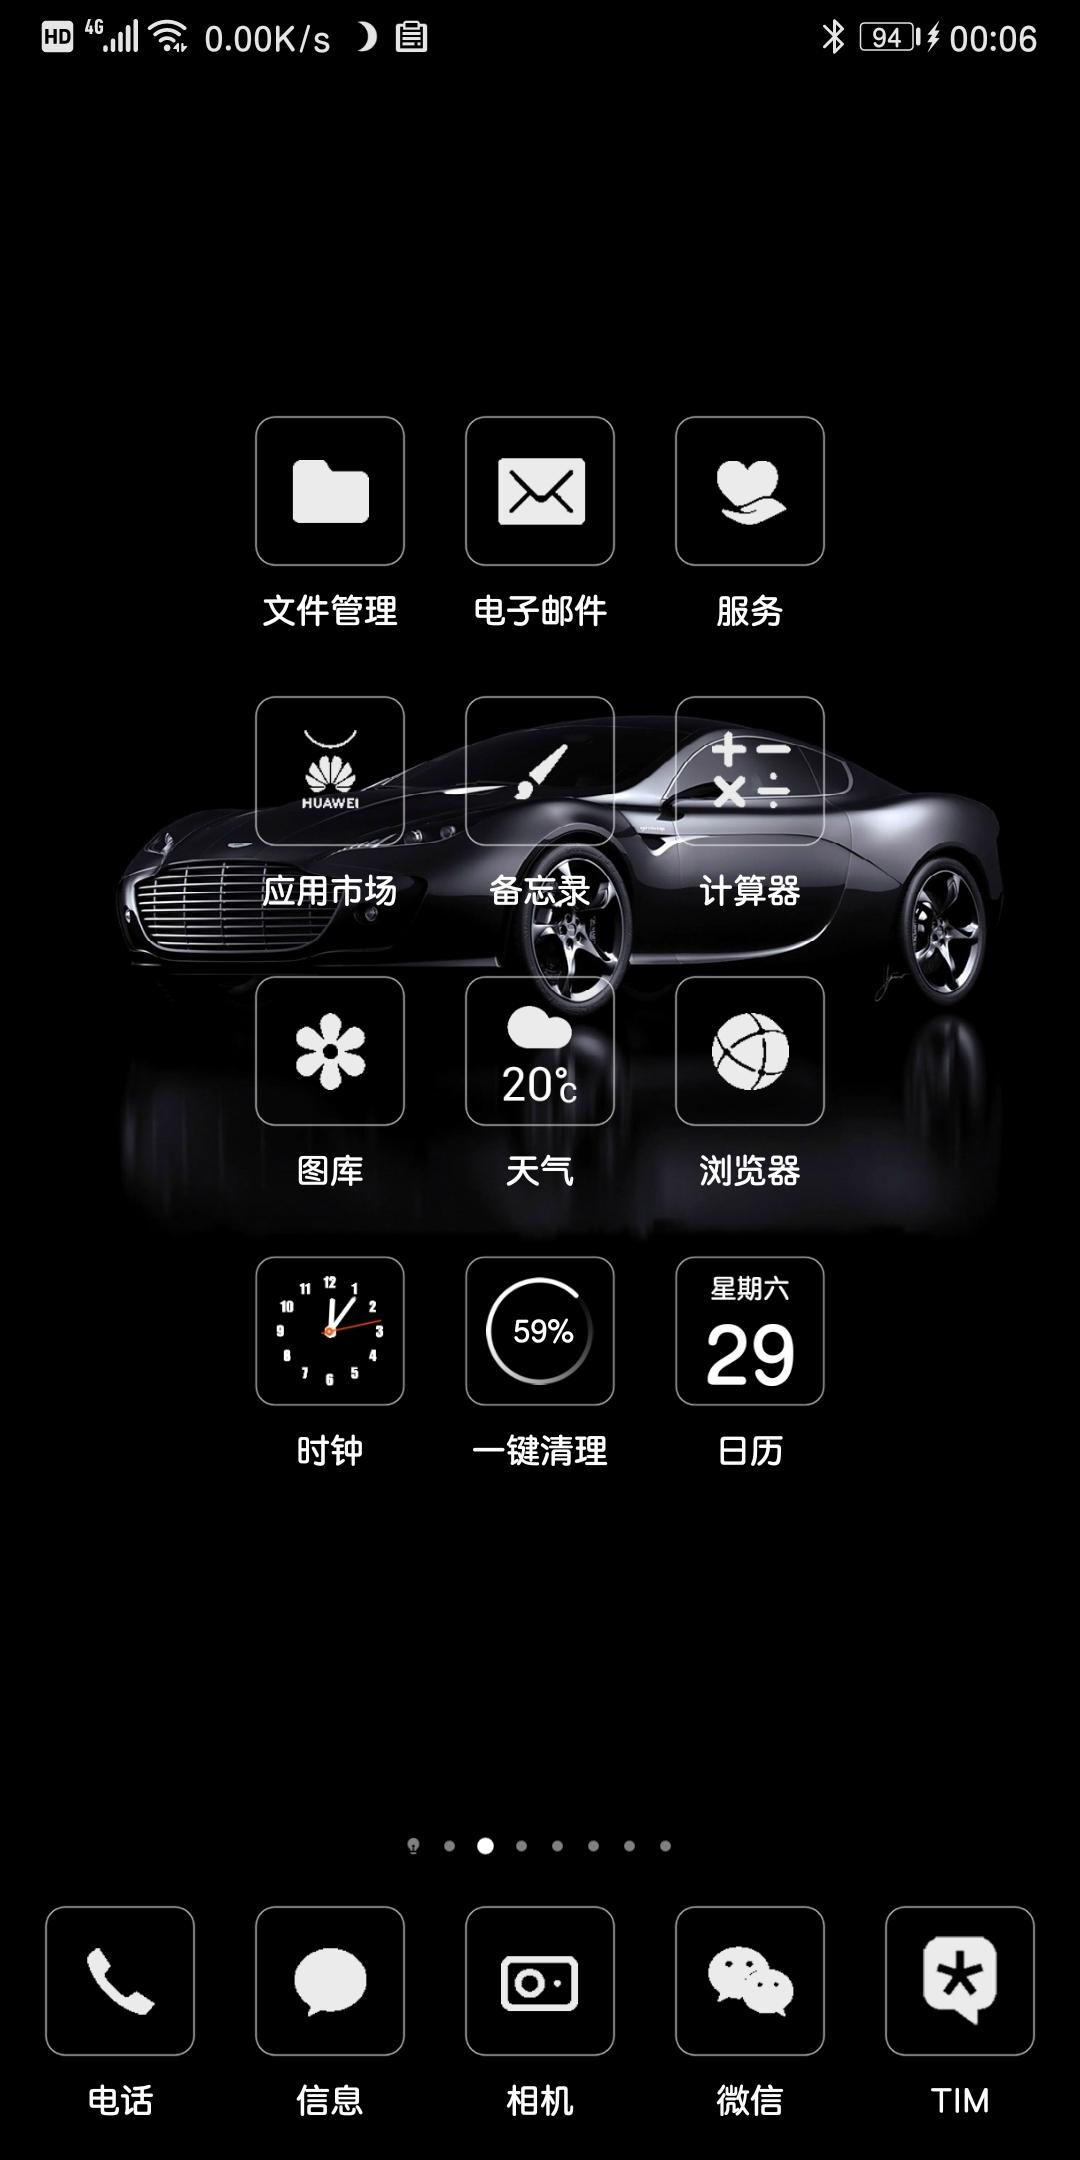 Screenshot_20200229_000614_com.huawei.android.launcher.jpg